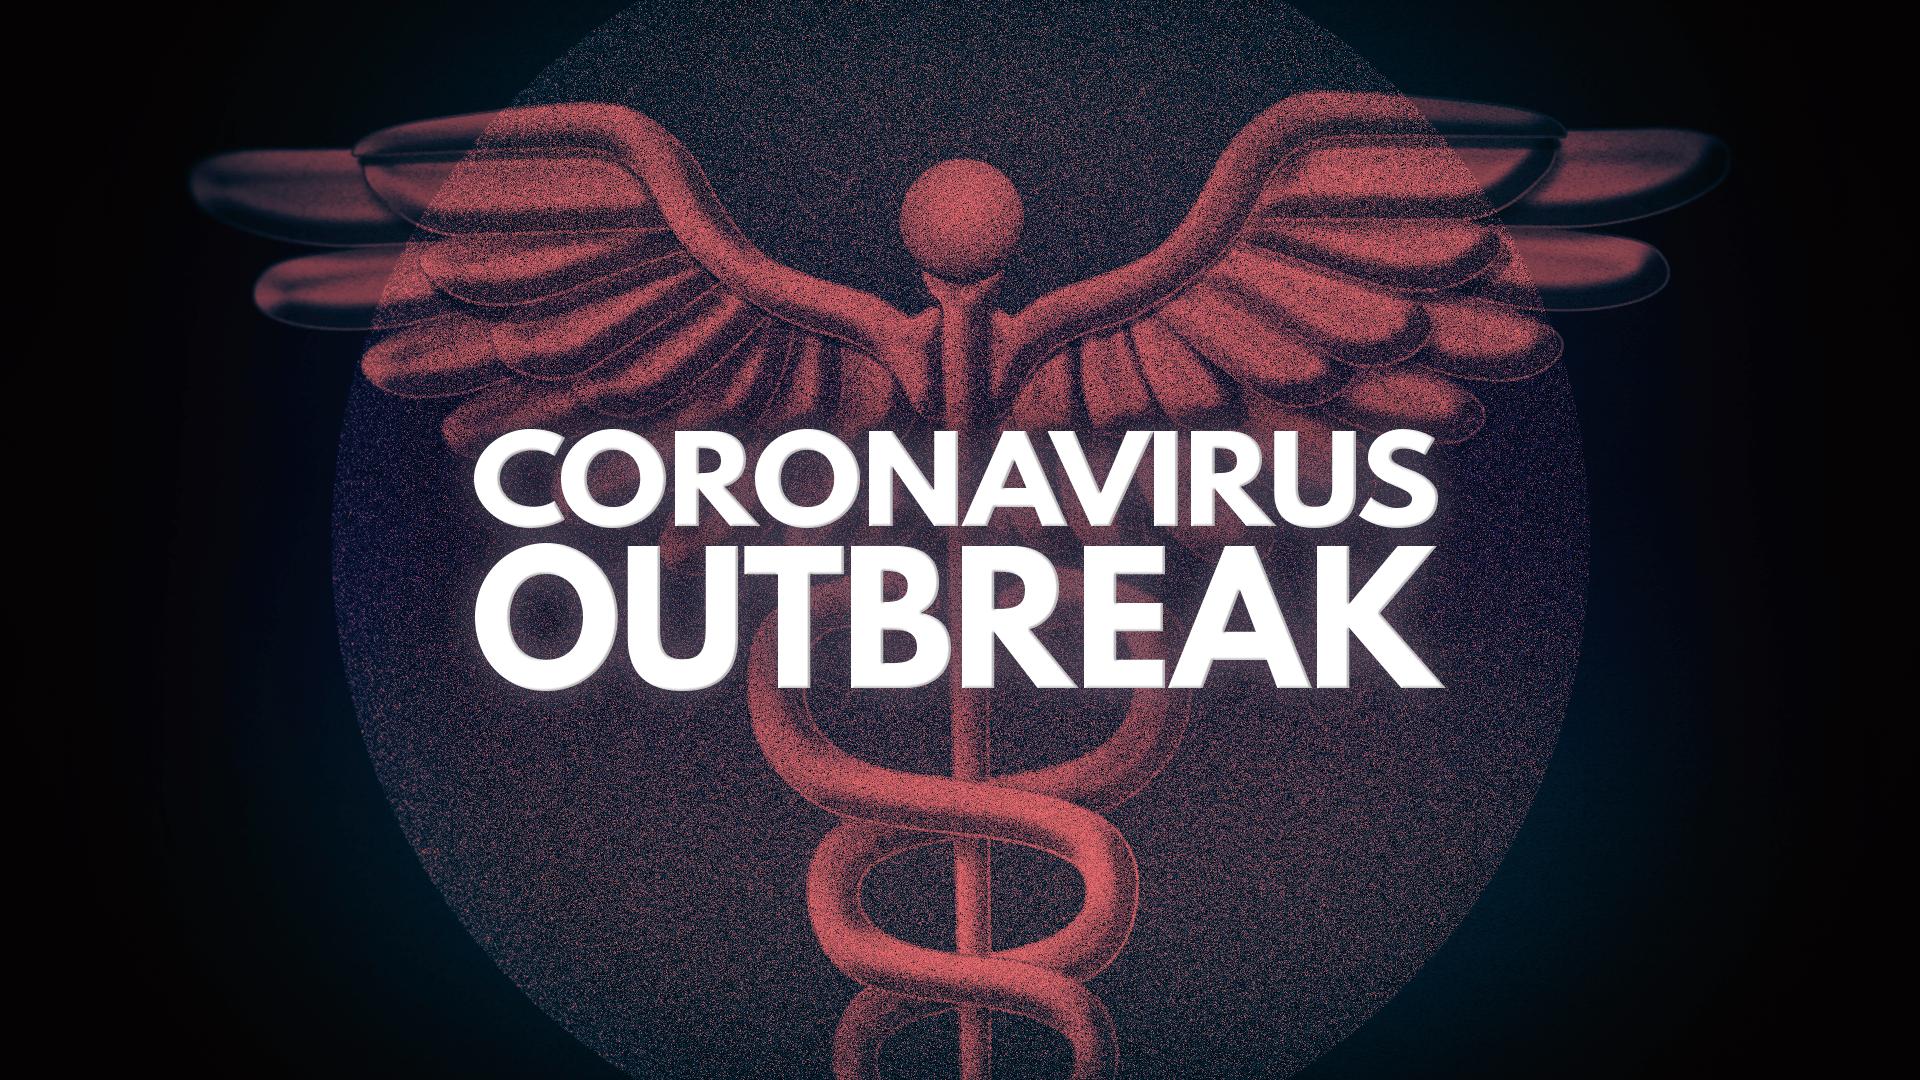 CoronaVirus-Outbreak-crimeshop